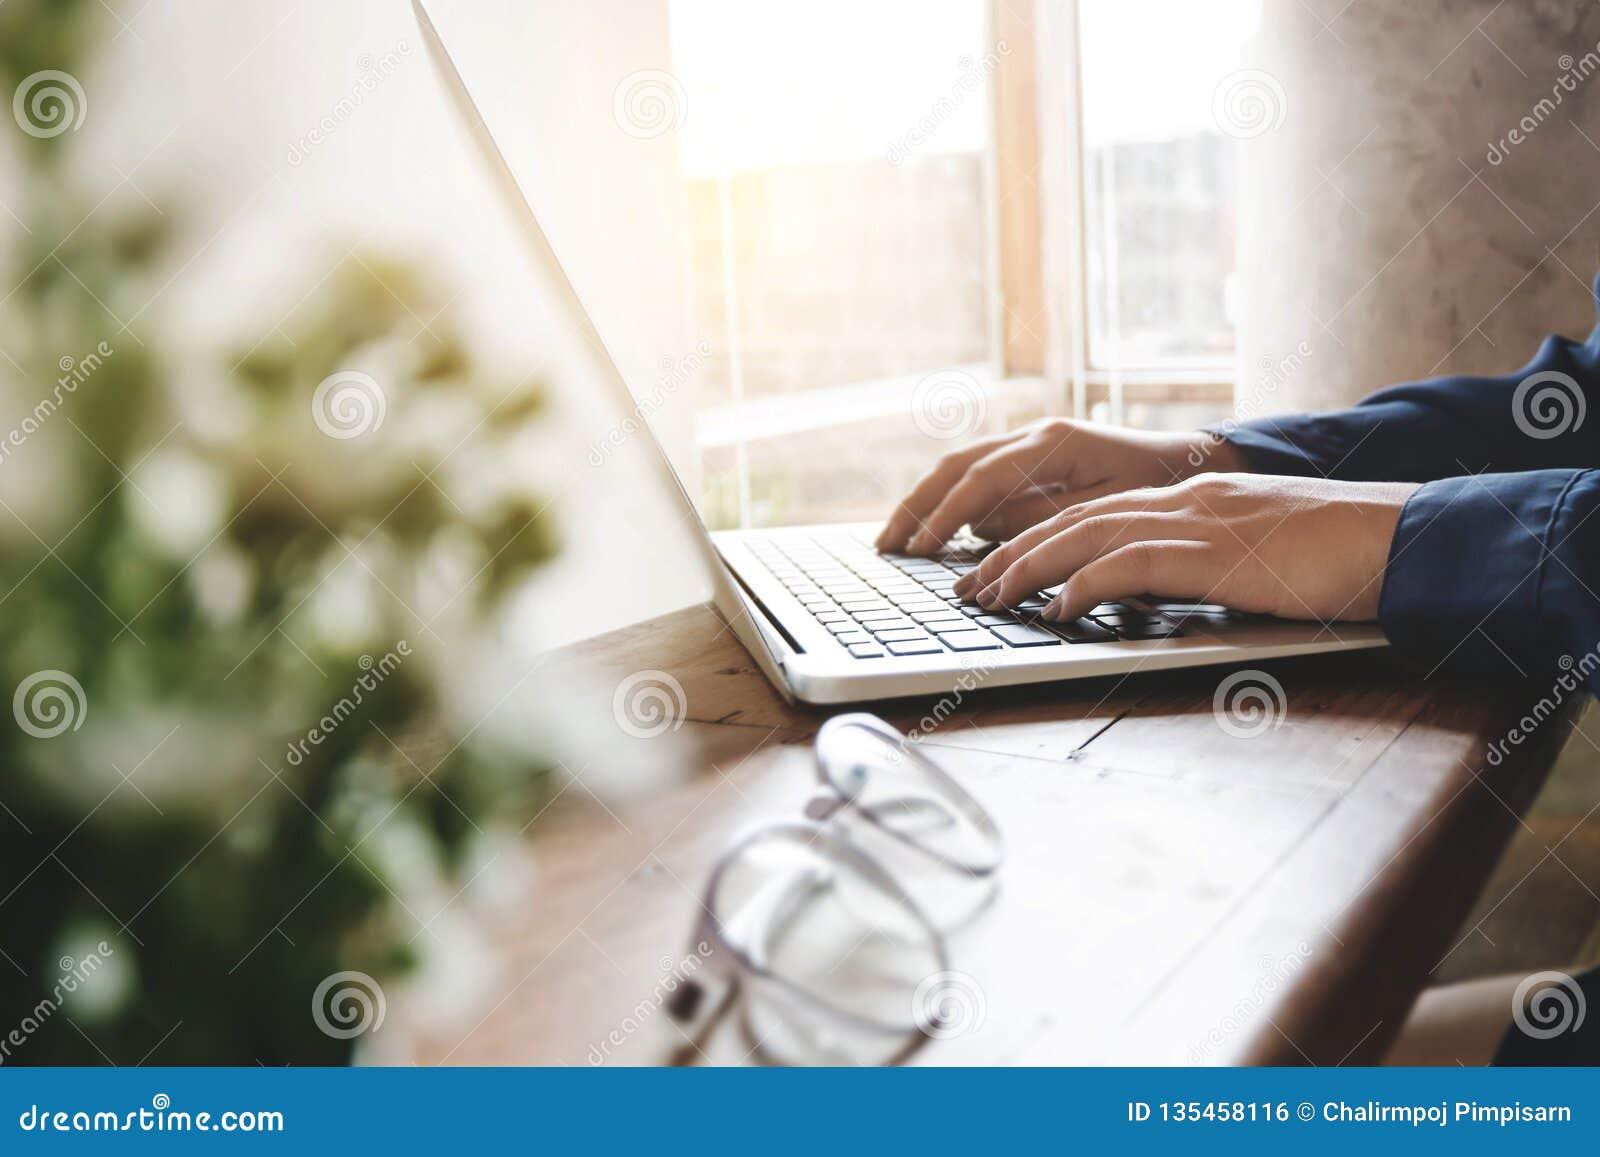 Image d utilisant de mains de femme/dactylographiant sur le foyer sélectionné par ordinateur d ordinateur portable sur le clavier